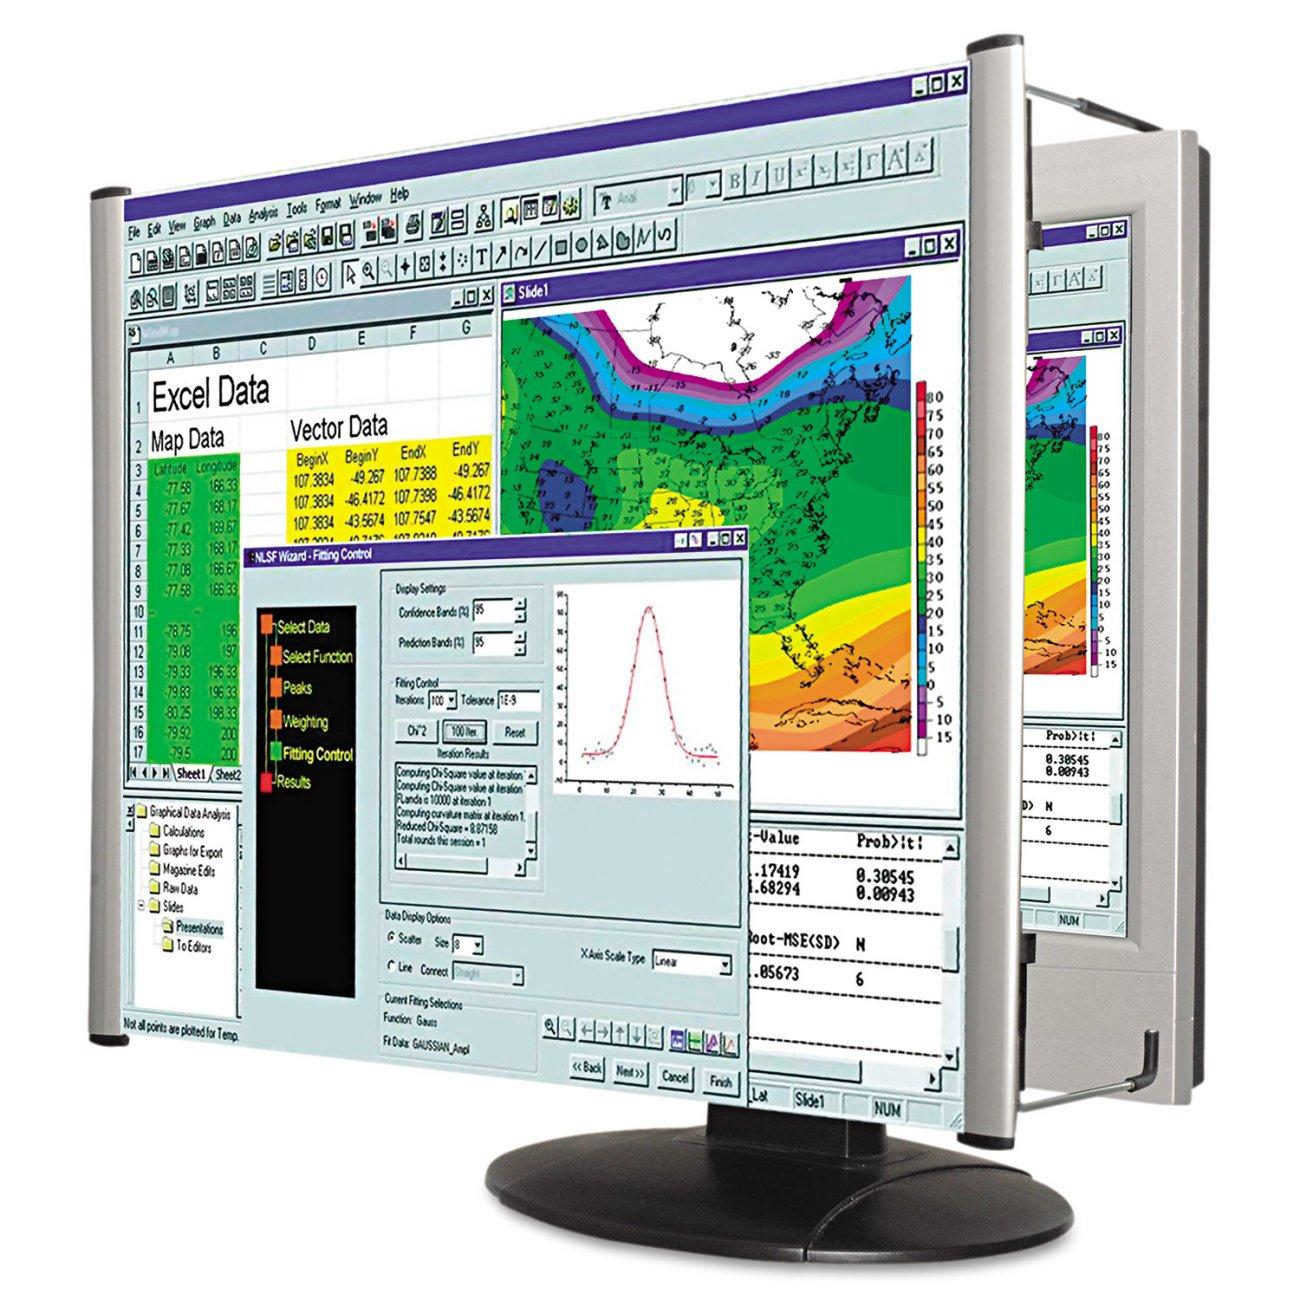 Kantek LCD Monitor Magnifier Filter, Fits 19 Inch Widescreen LCD Screens Measured Diagonally (MAG19WL) by Kantek